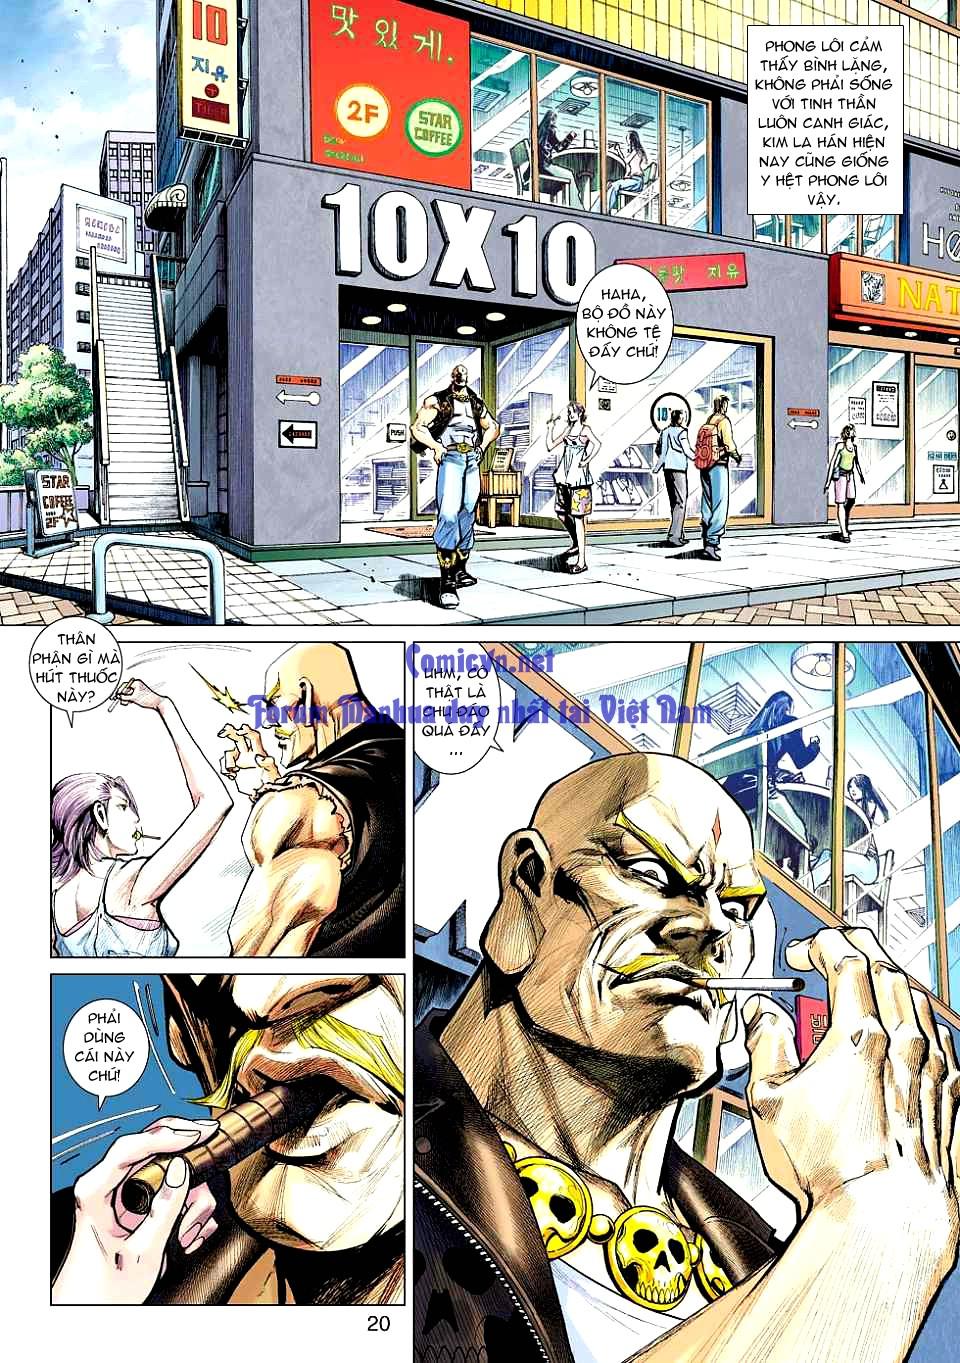 Vương Phong Lôi 1 chap 12 - Trang 19